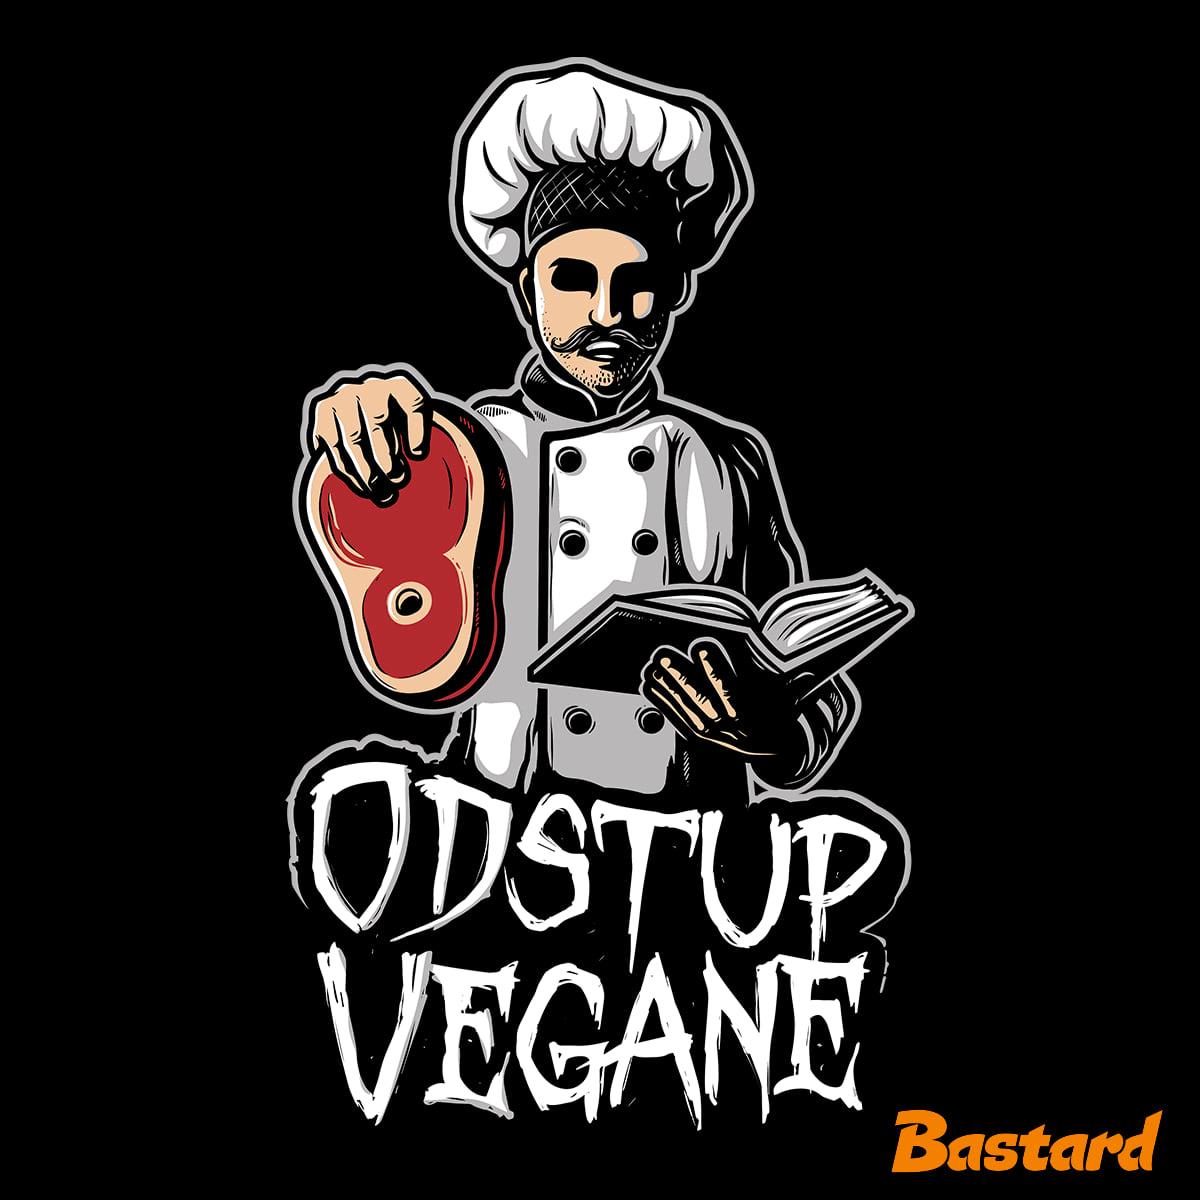 Odstup vegane